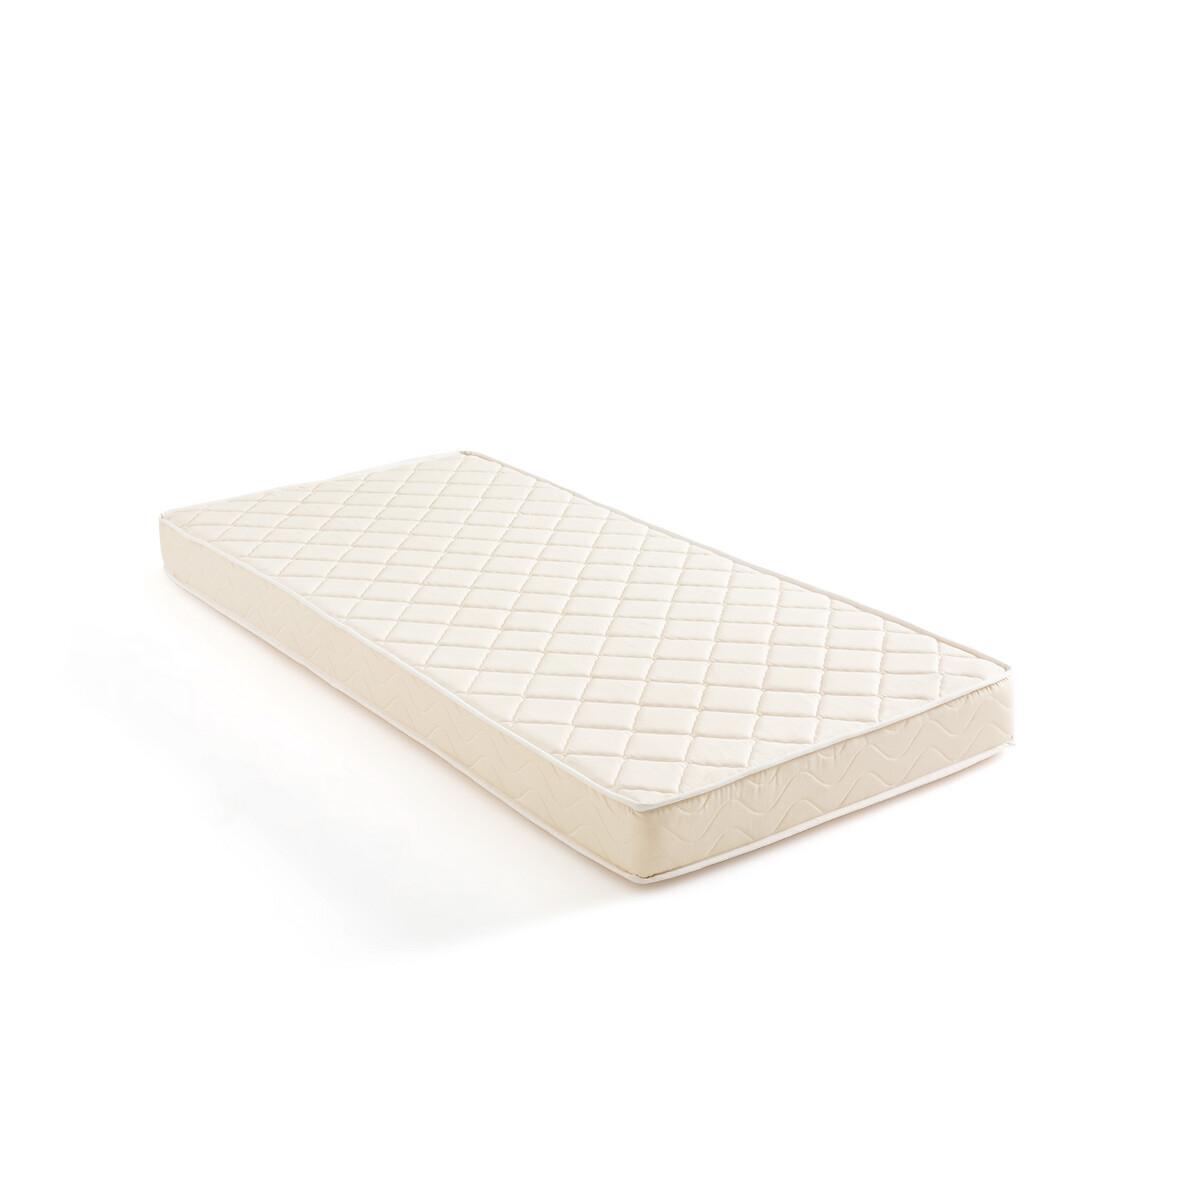 Матрас LaRedoute Для кровати с ящиком 90 x 180 x 12 белый кровати 180 см